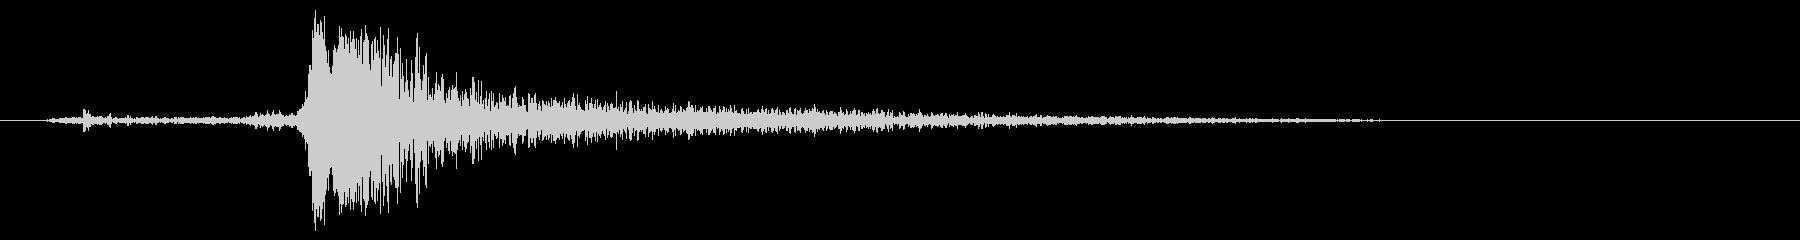 カチャッ(シャープな効果音)の未再生の波形